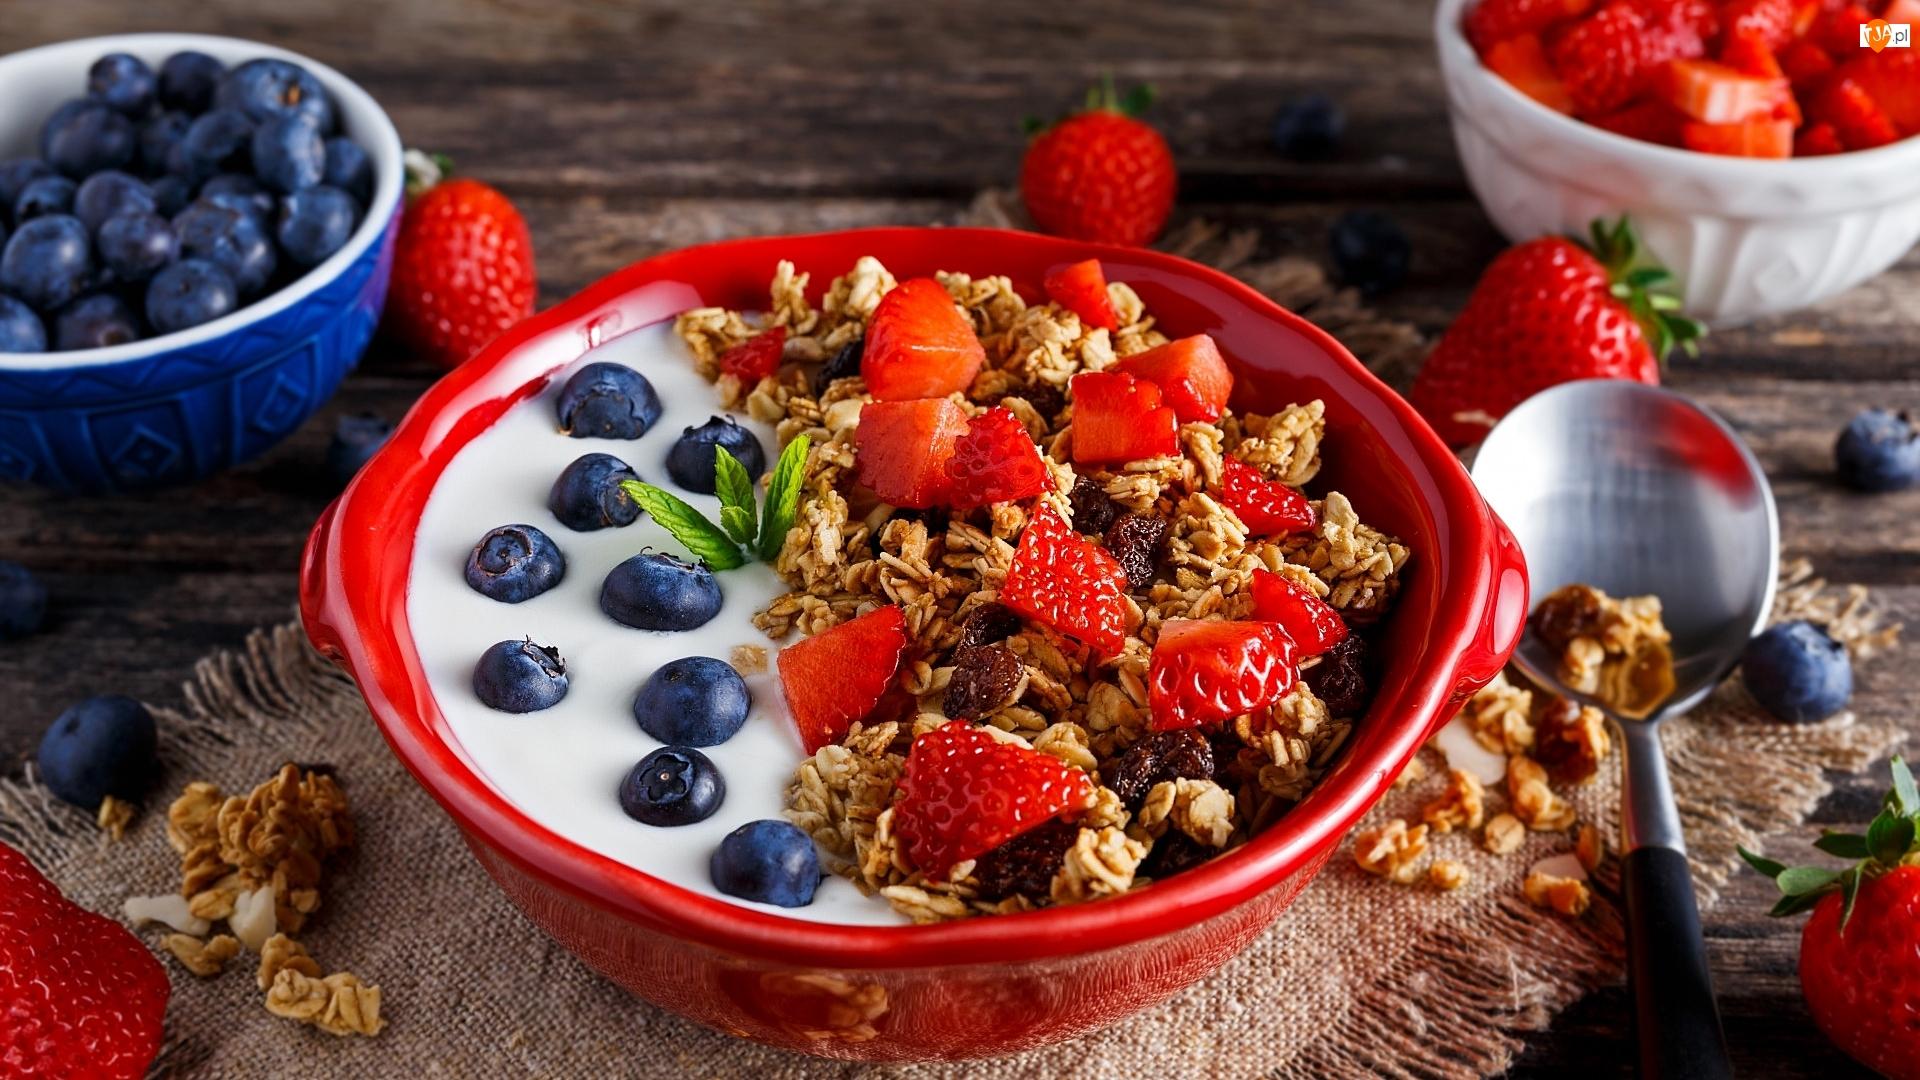 Jogurt, Owoce, Miseczka, Płatki, Czerwona, Truskawki, Borówki